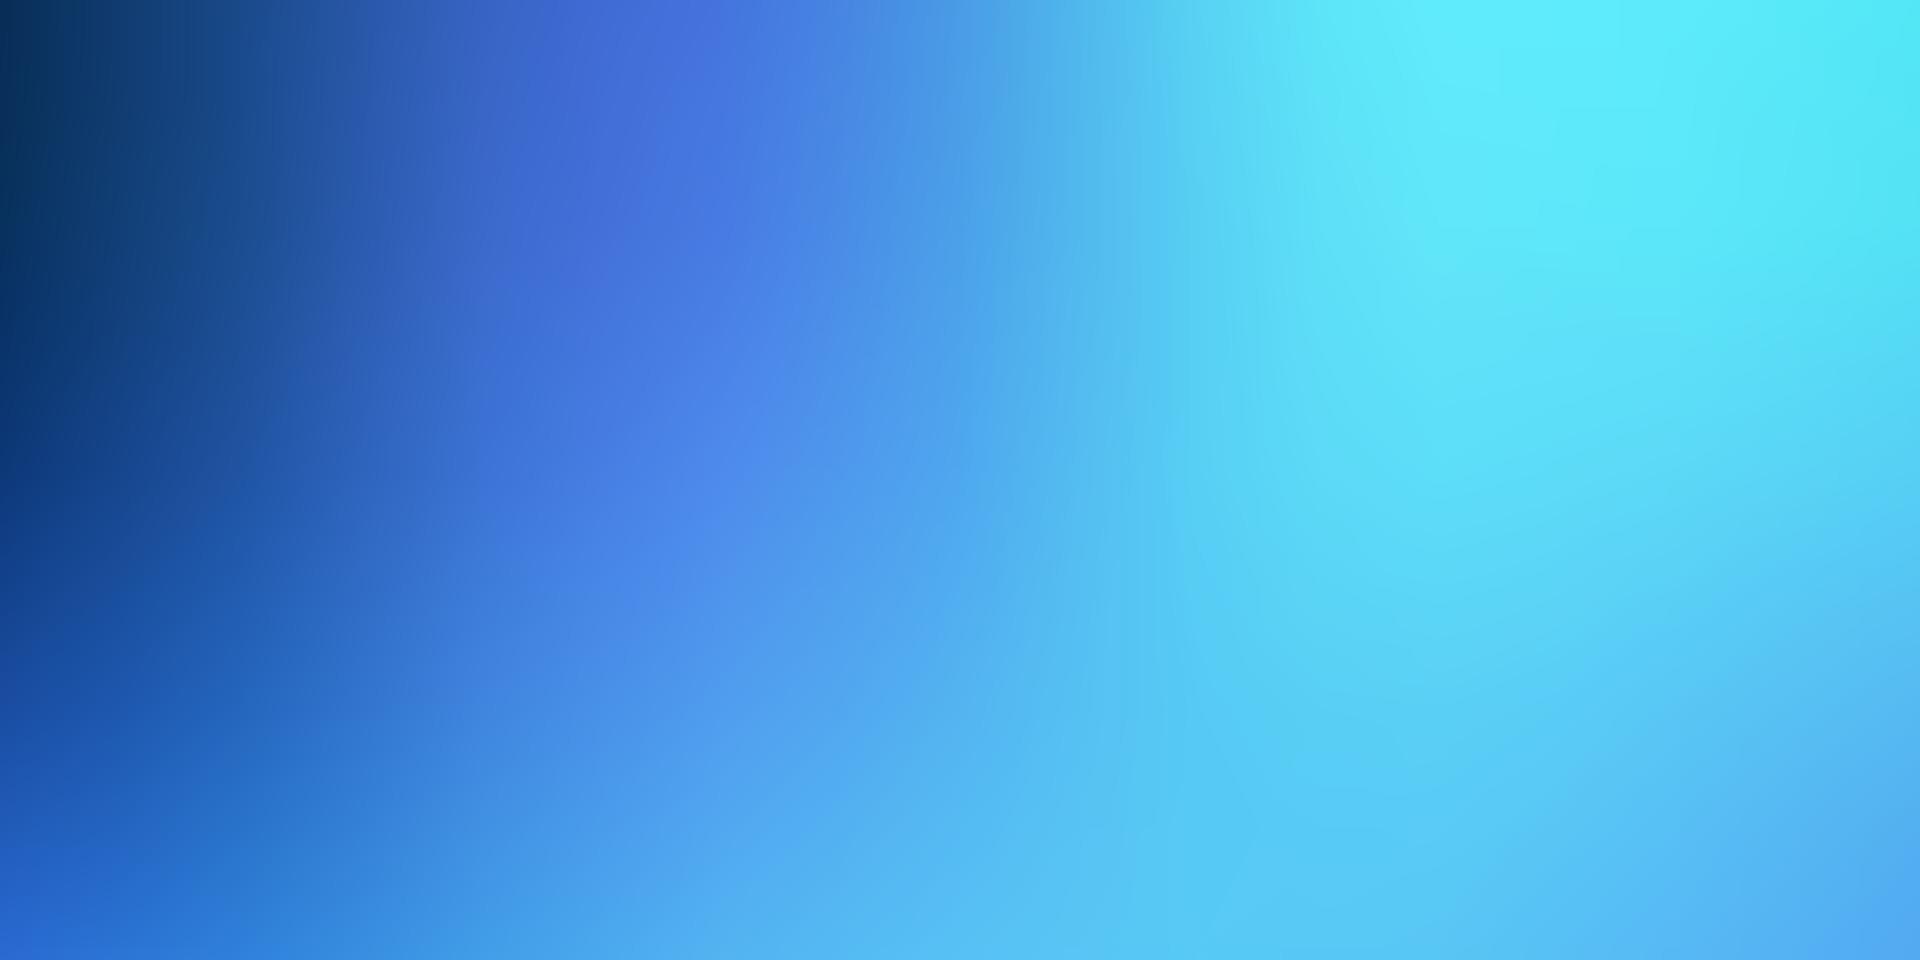 ljusrosa, blå vektor suddigt mönster.